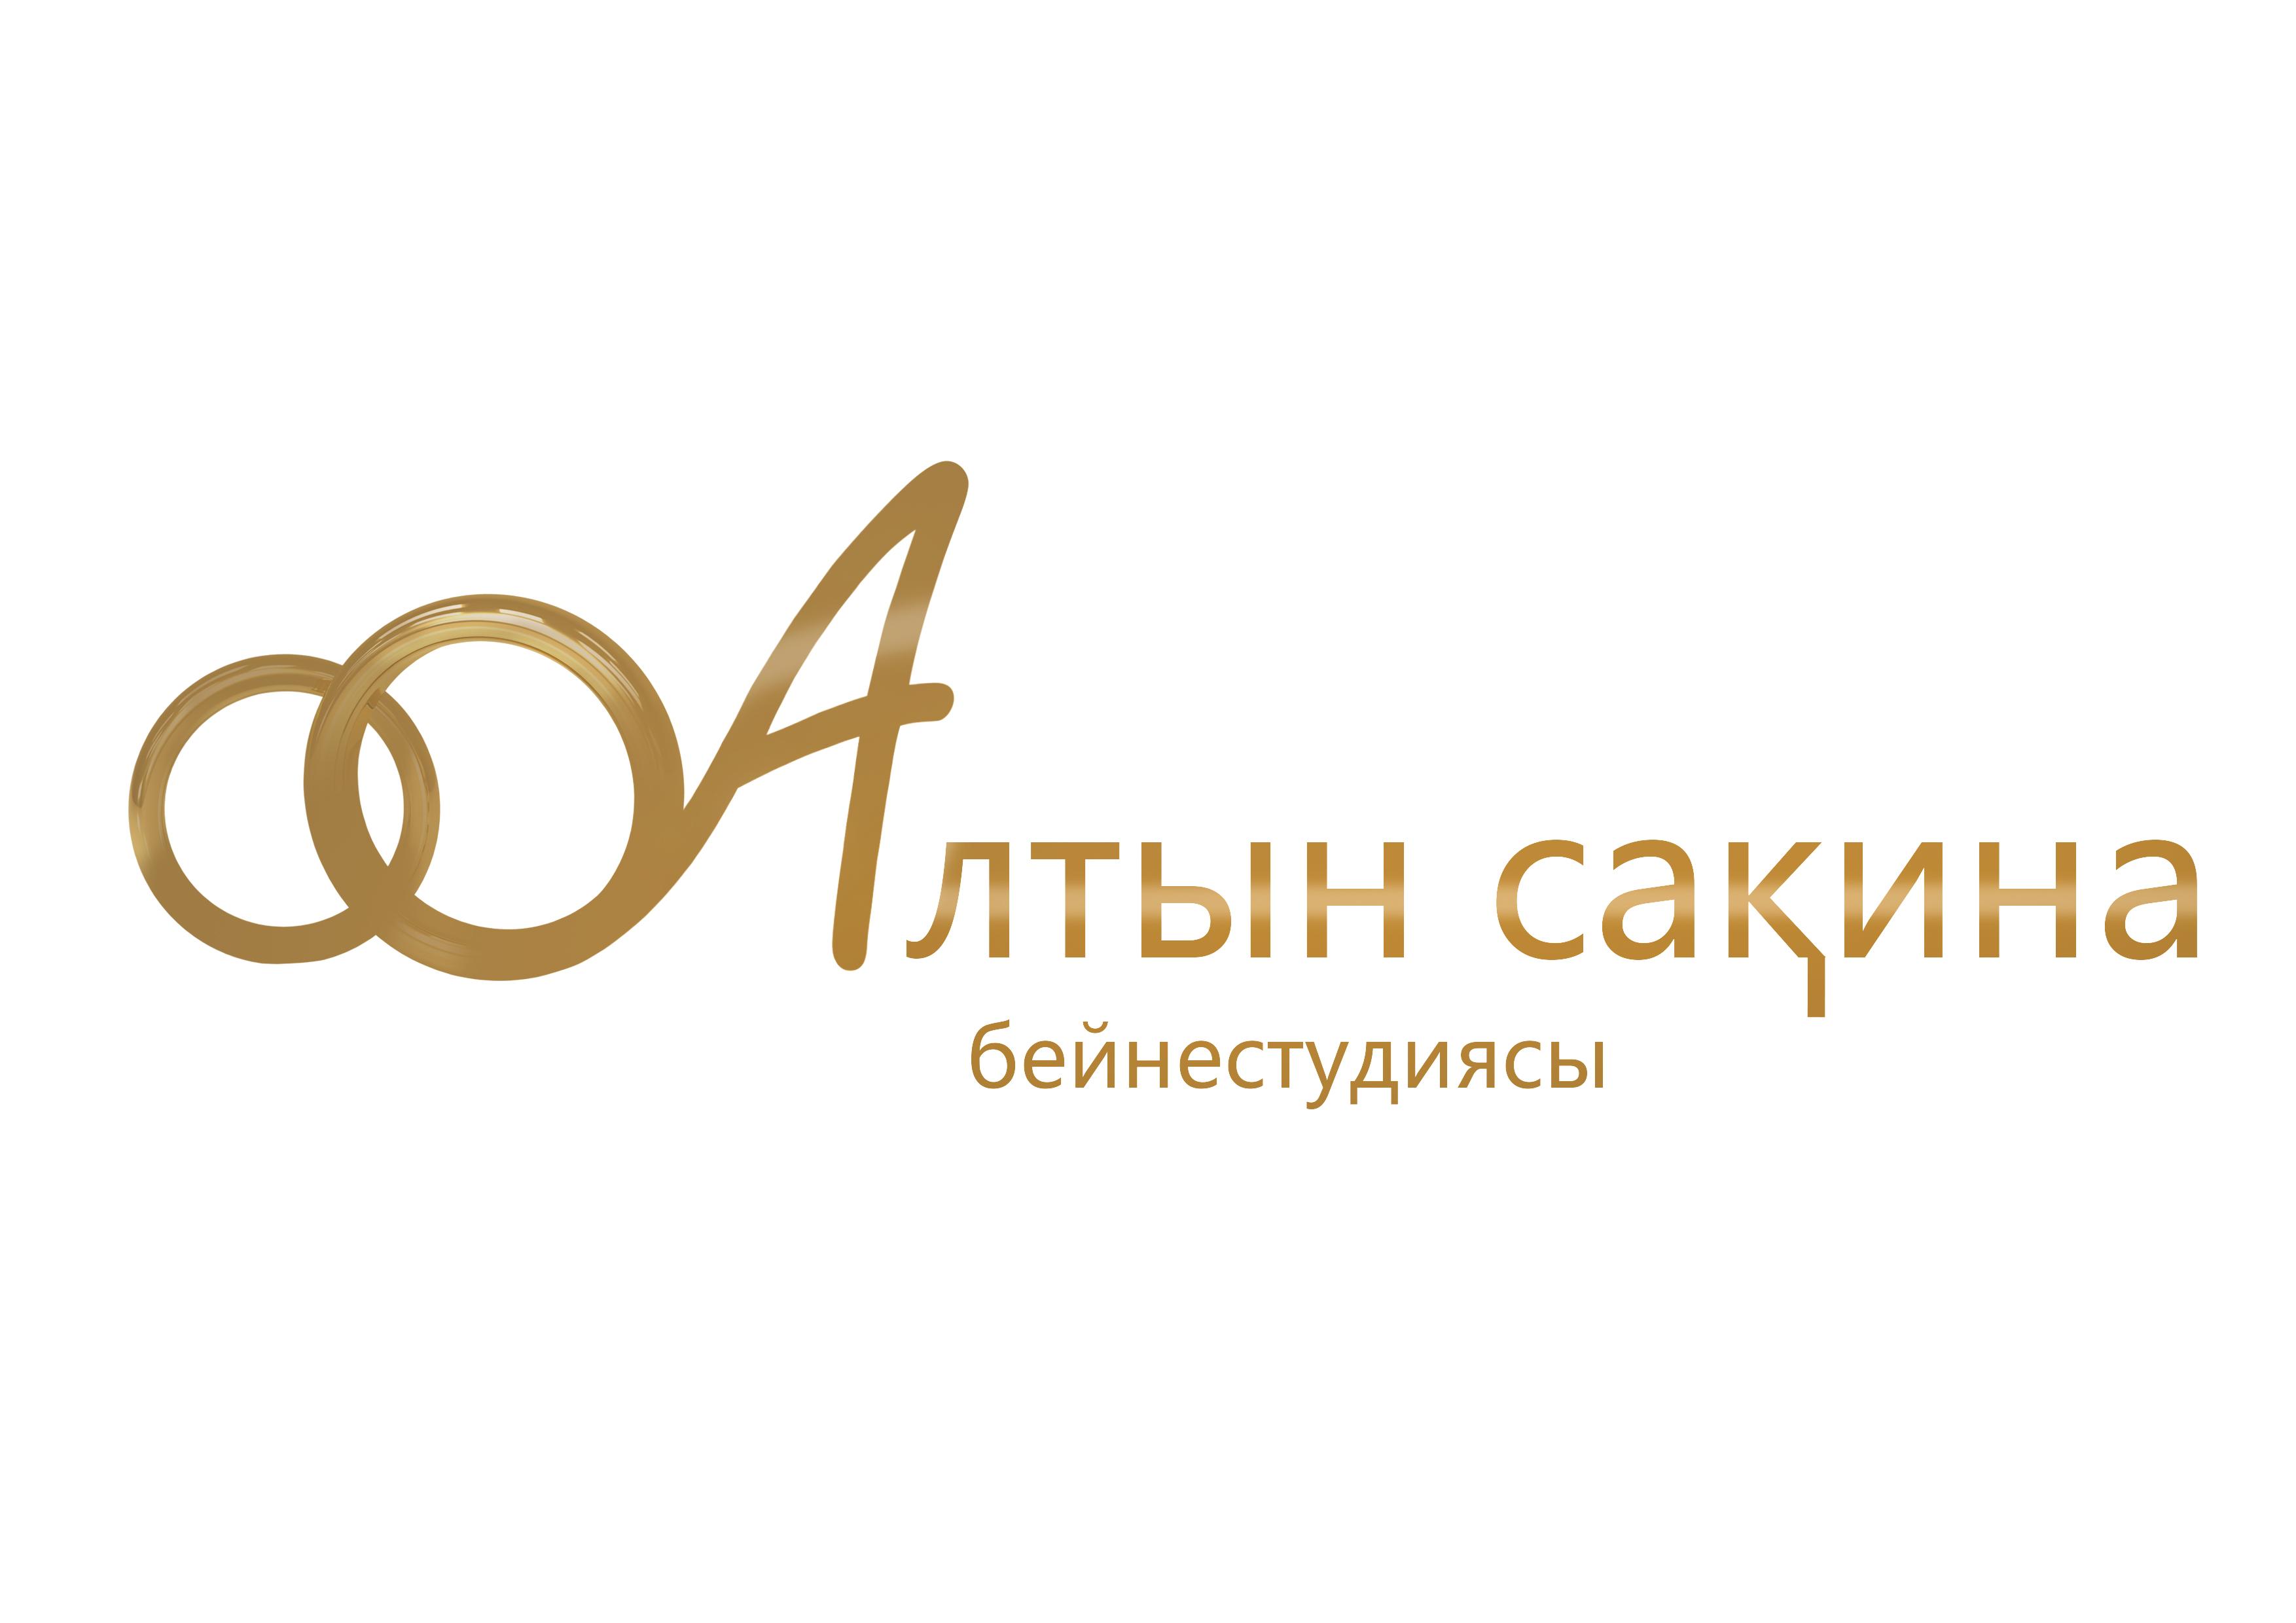 """""""Алтын сақина"""" бейнестудиясы"""